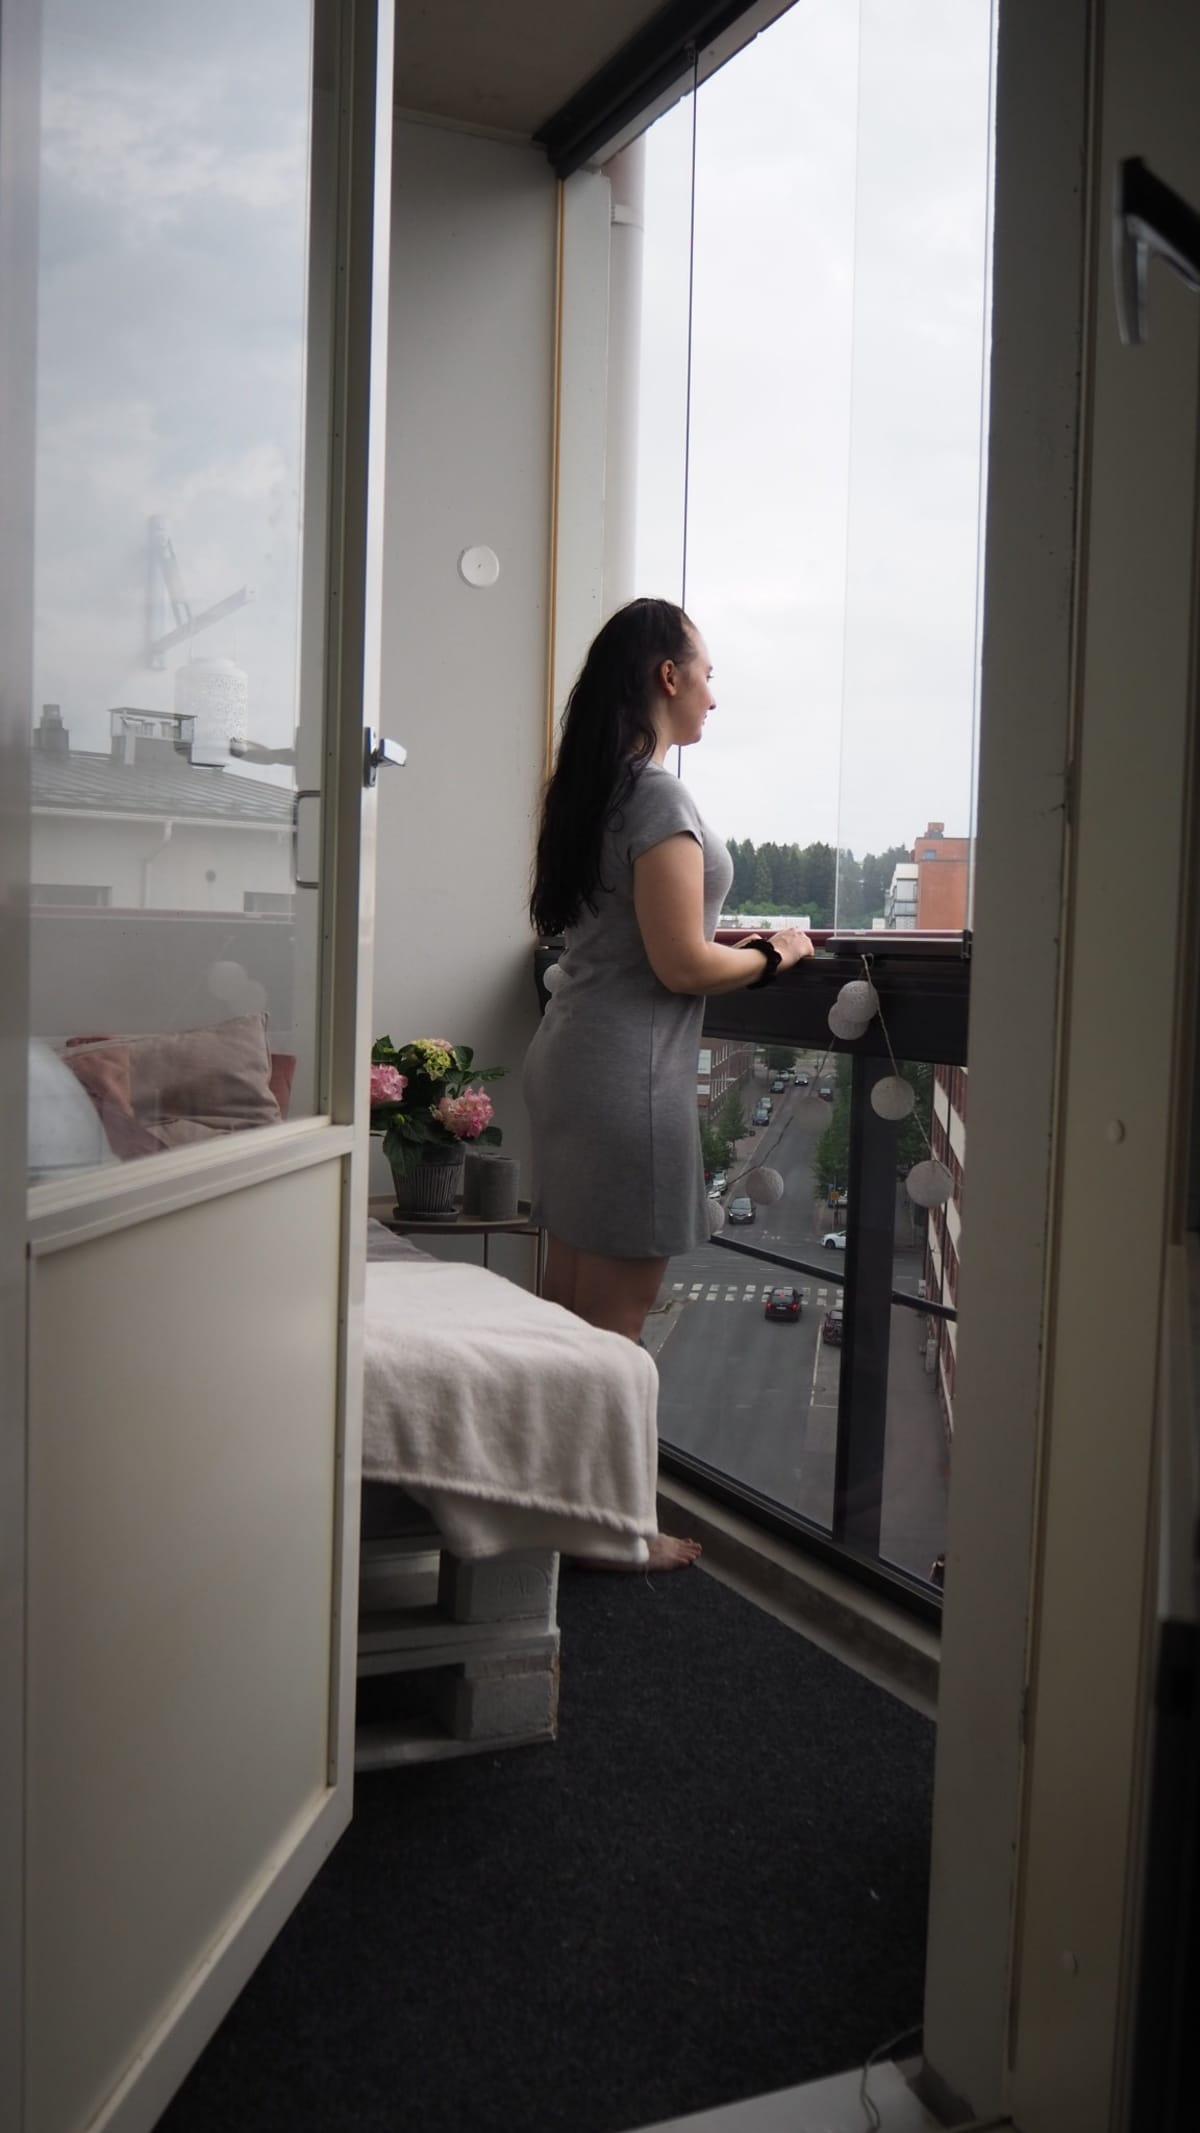 Henna-Riikka Niutanen katsoo kotinsa parvekkeella ulos kadulle.